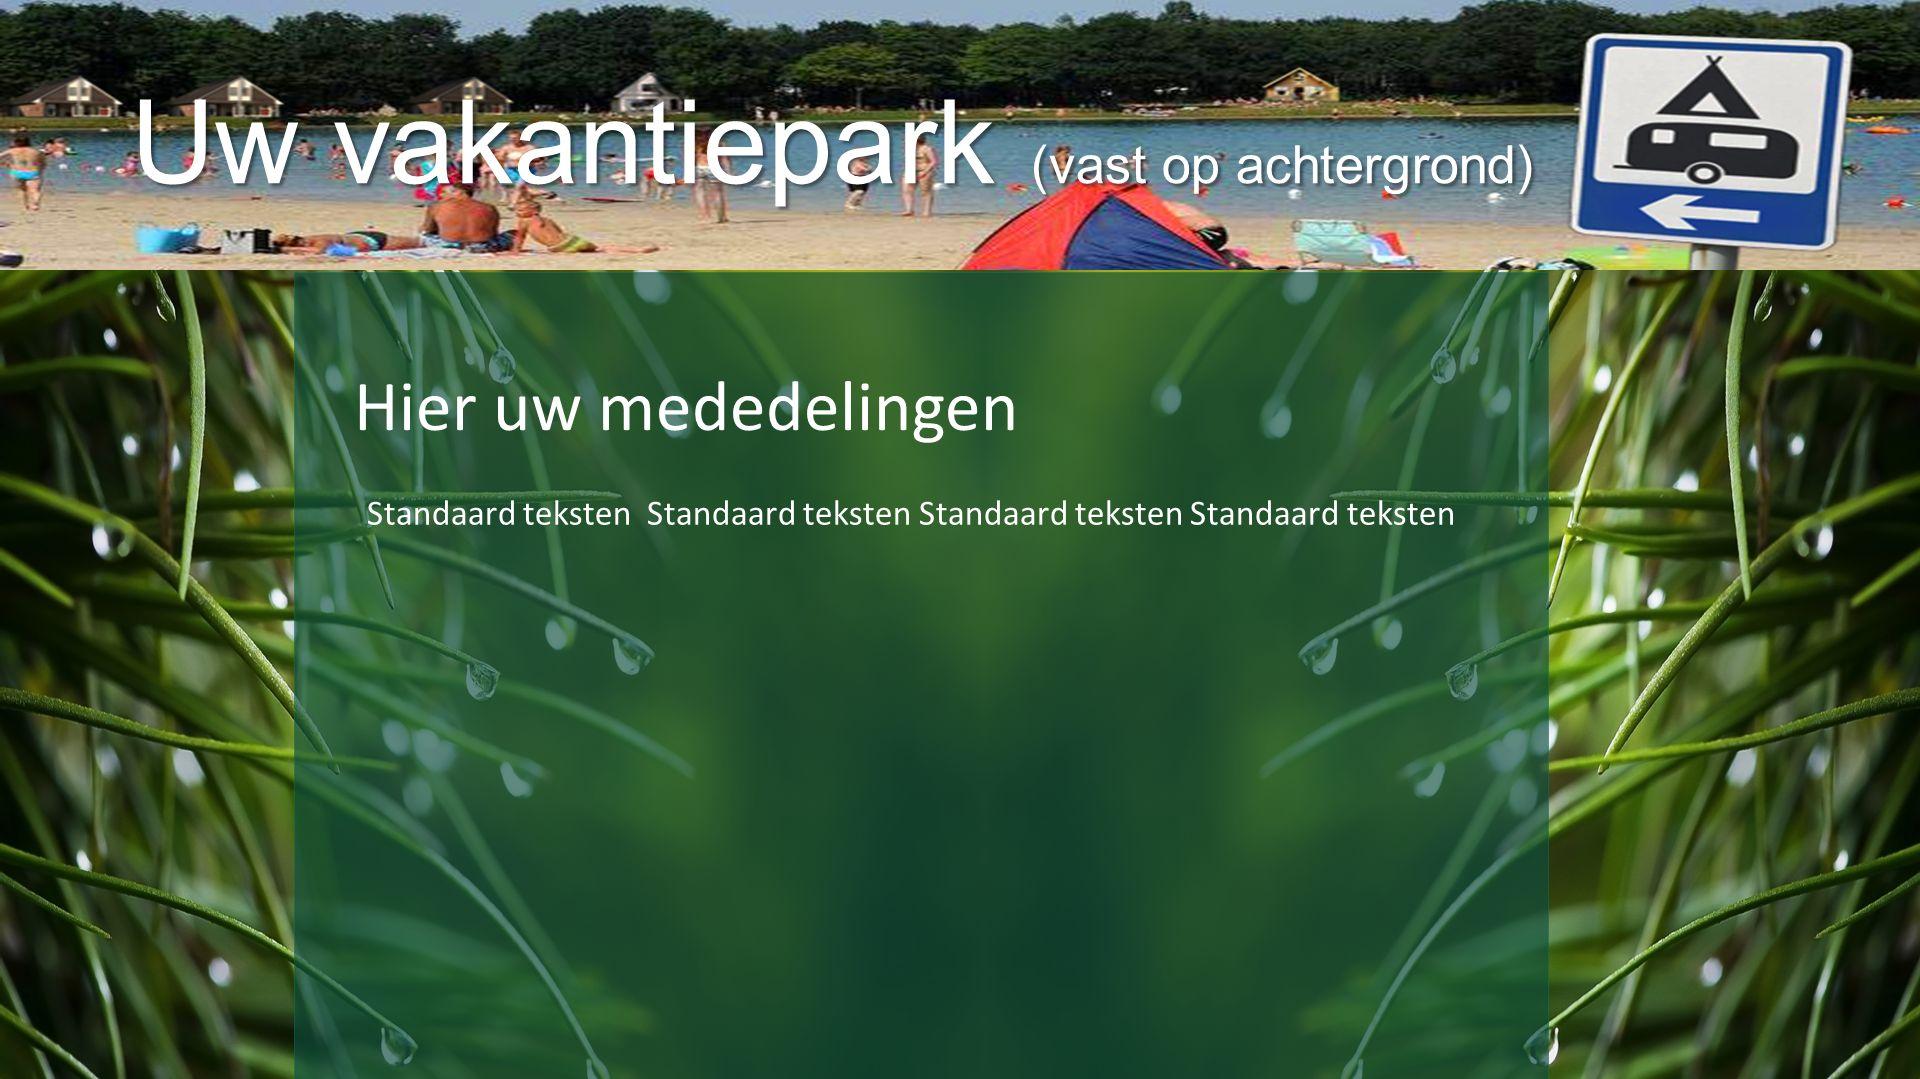 Uw vakantiepark (vast op achtergrond) Hier uw mededelingen Standaard teksten Standaard teksten